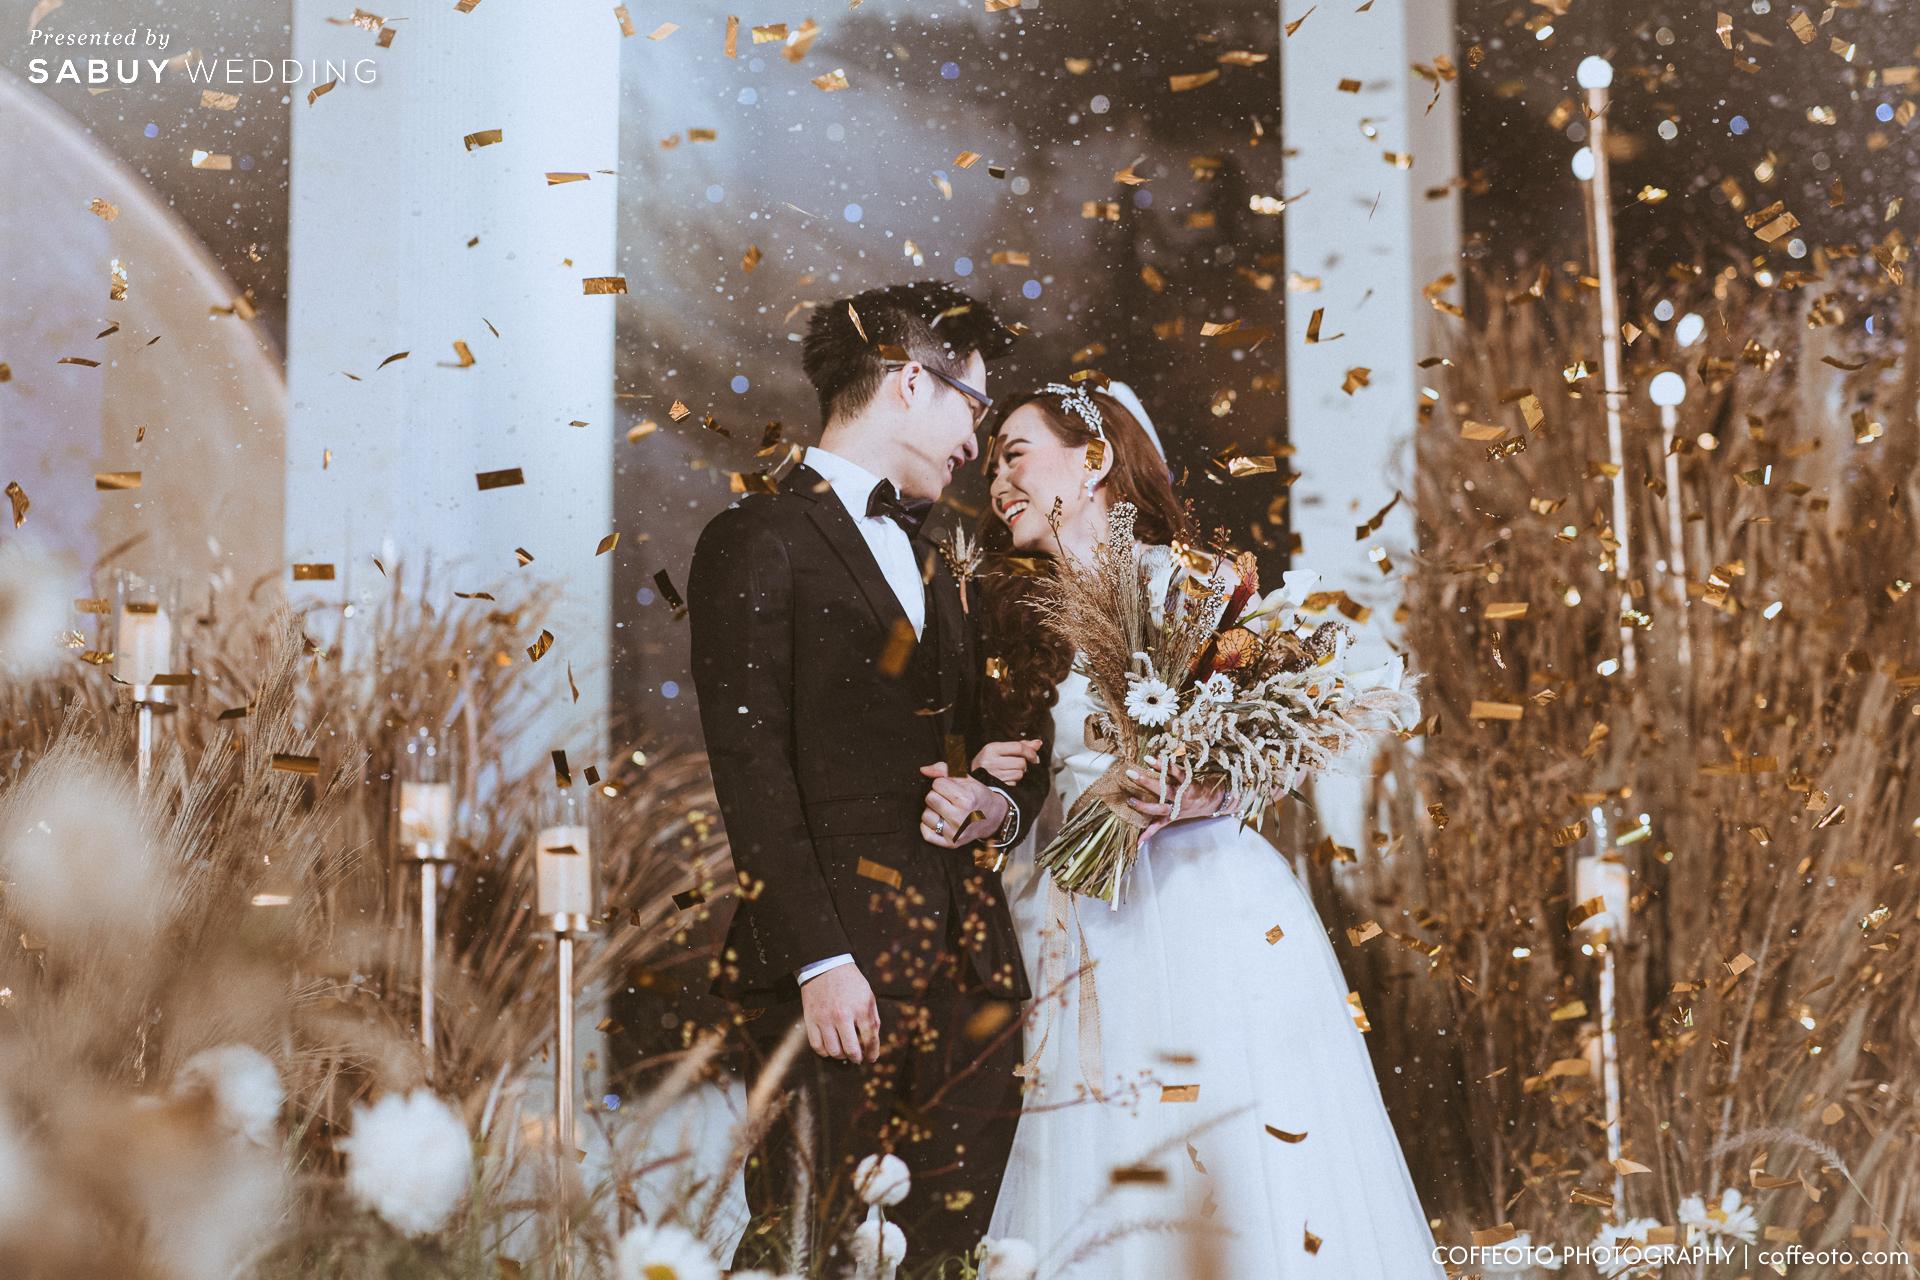 ชุดแต่งงาน,ชุดเจ้าสาว,HotelNikko รีวิวงานแต่งโรแมนติก จำลองหมู่บ้าน Cotswold ของอังกฤษมาไว้ในงาน @ Hotel Nikko Bangkok